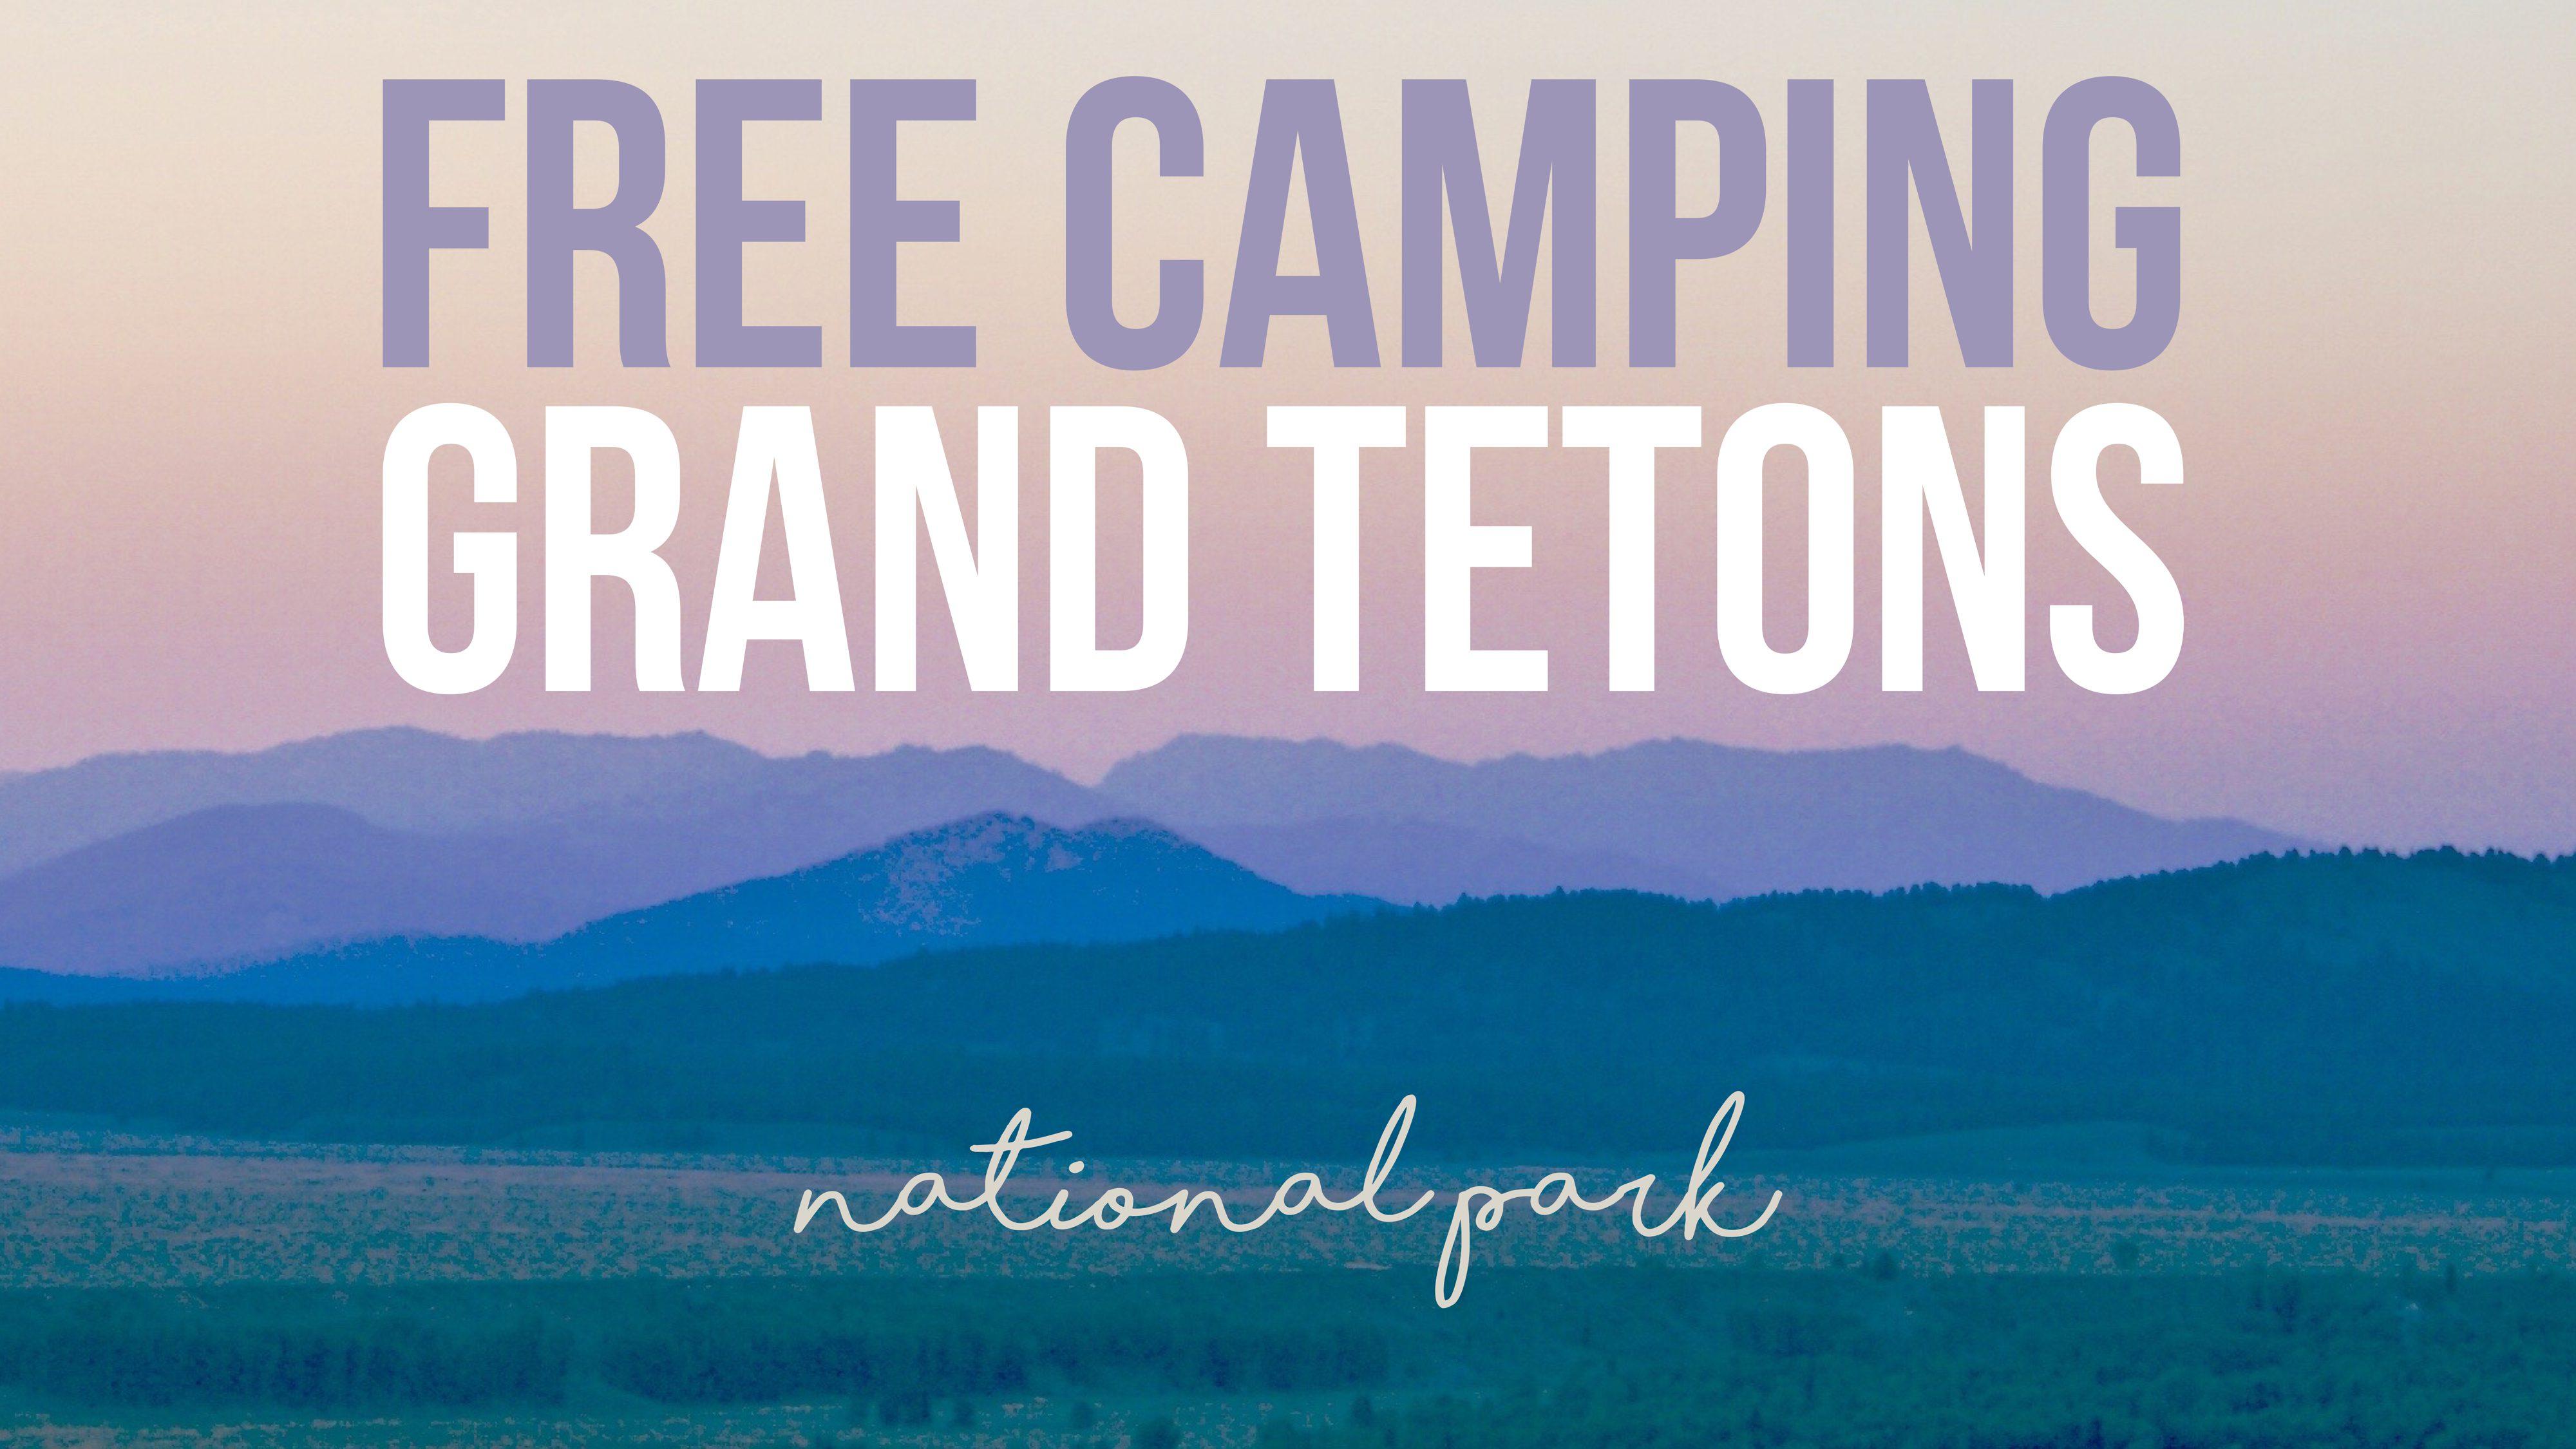 Free Camping at Grand Teton National Park